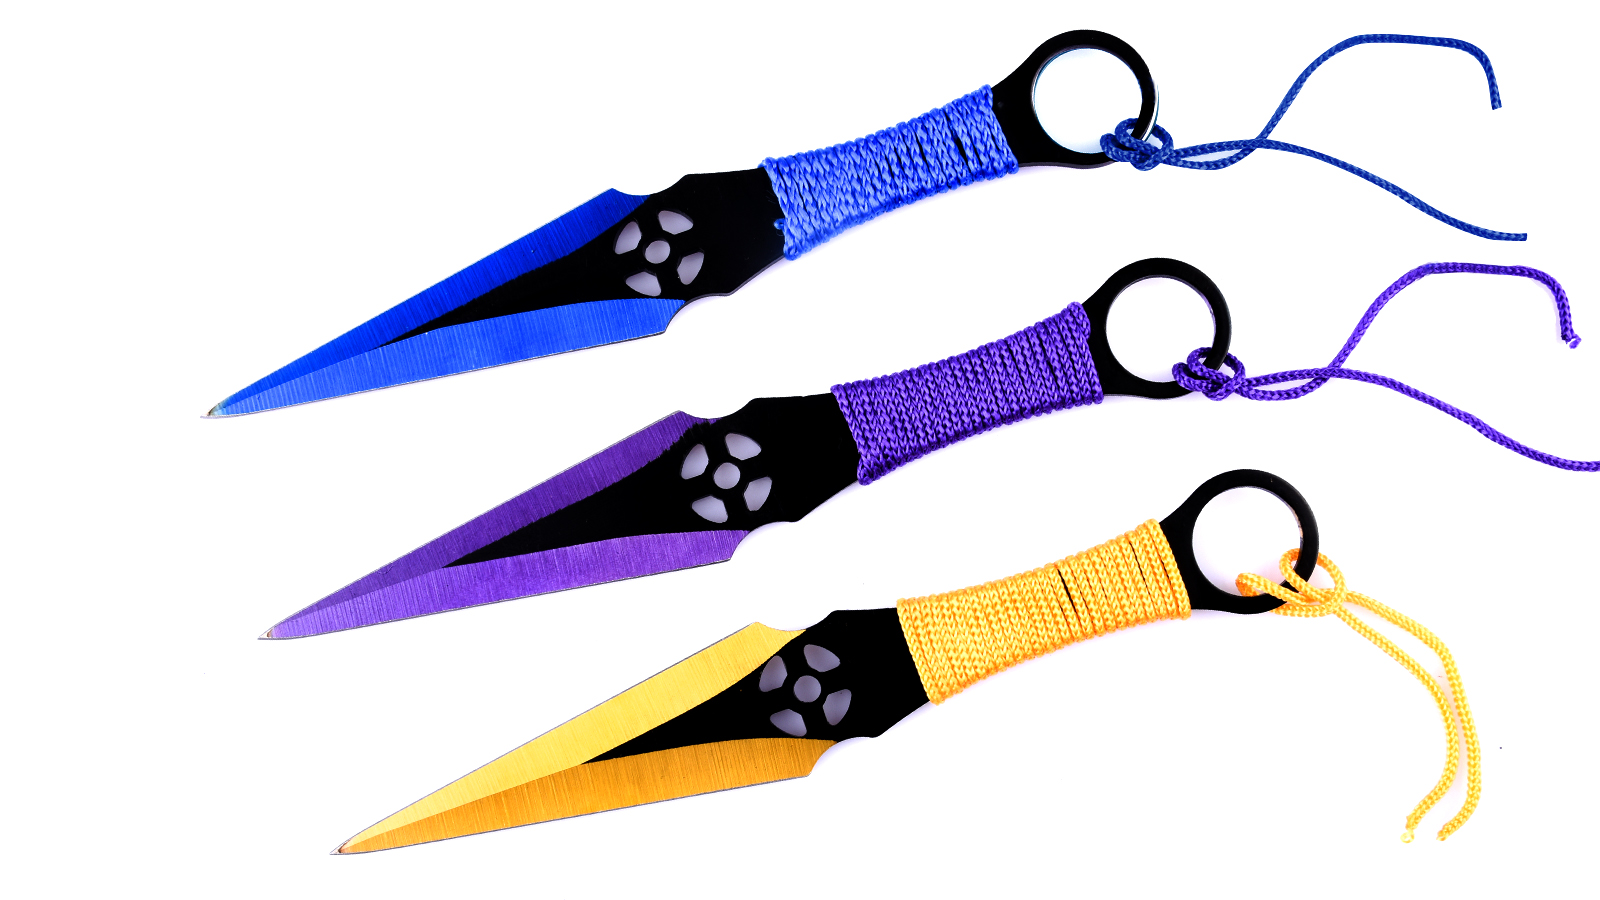 Купить ножи для метания «Ninja» по низкой цене в военторге Военпро